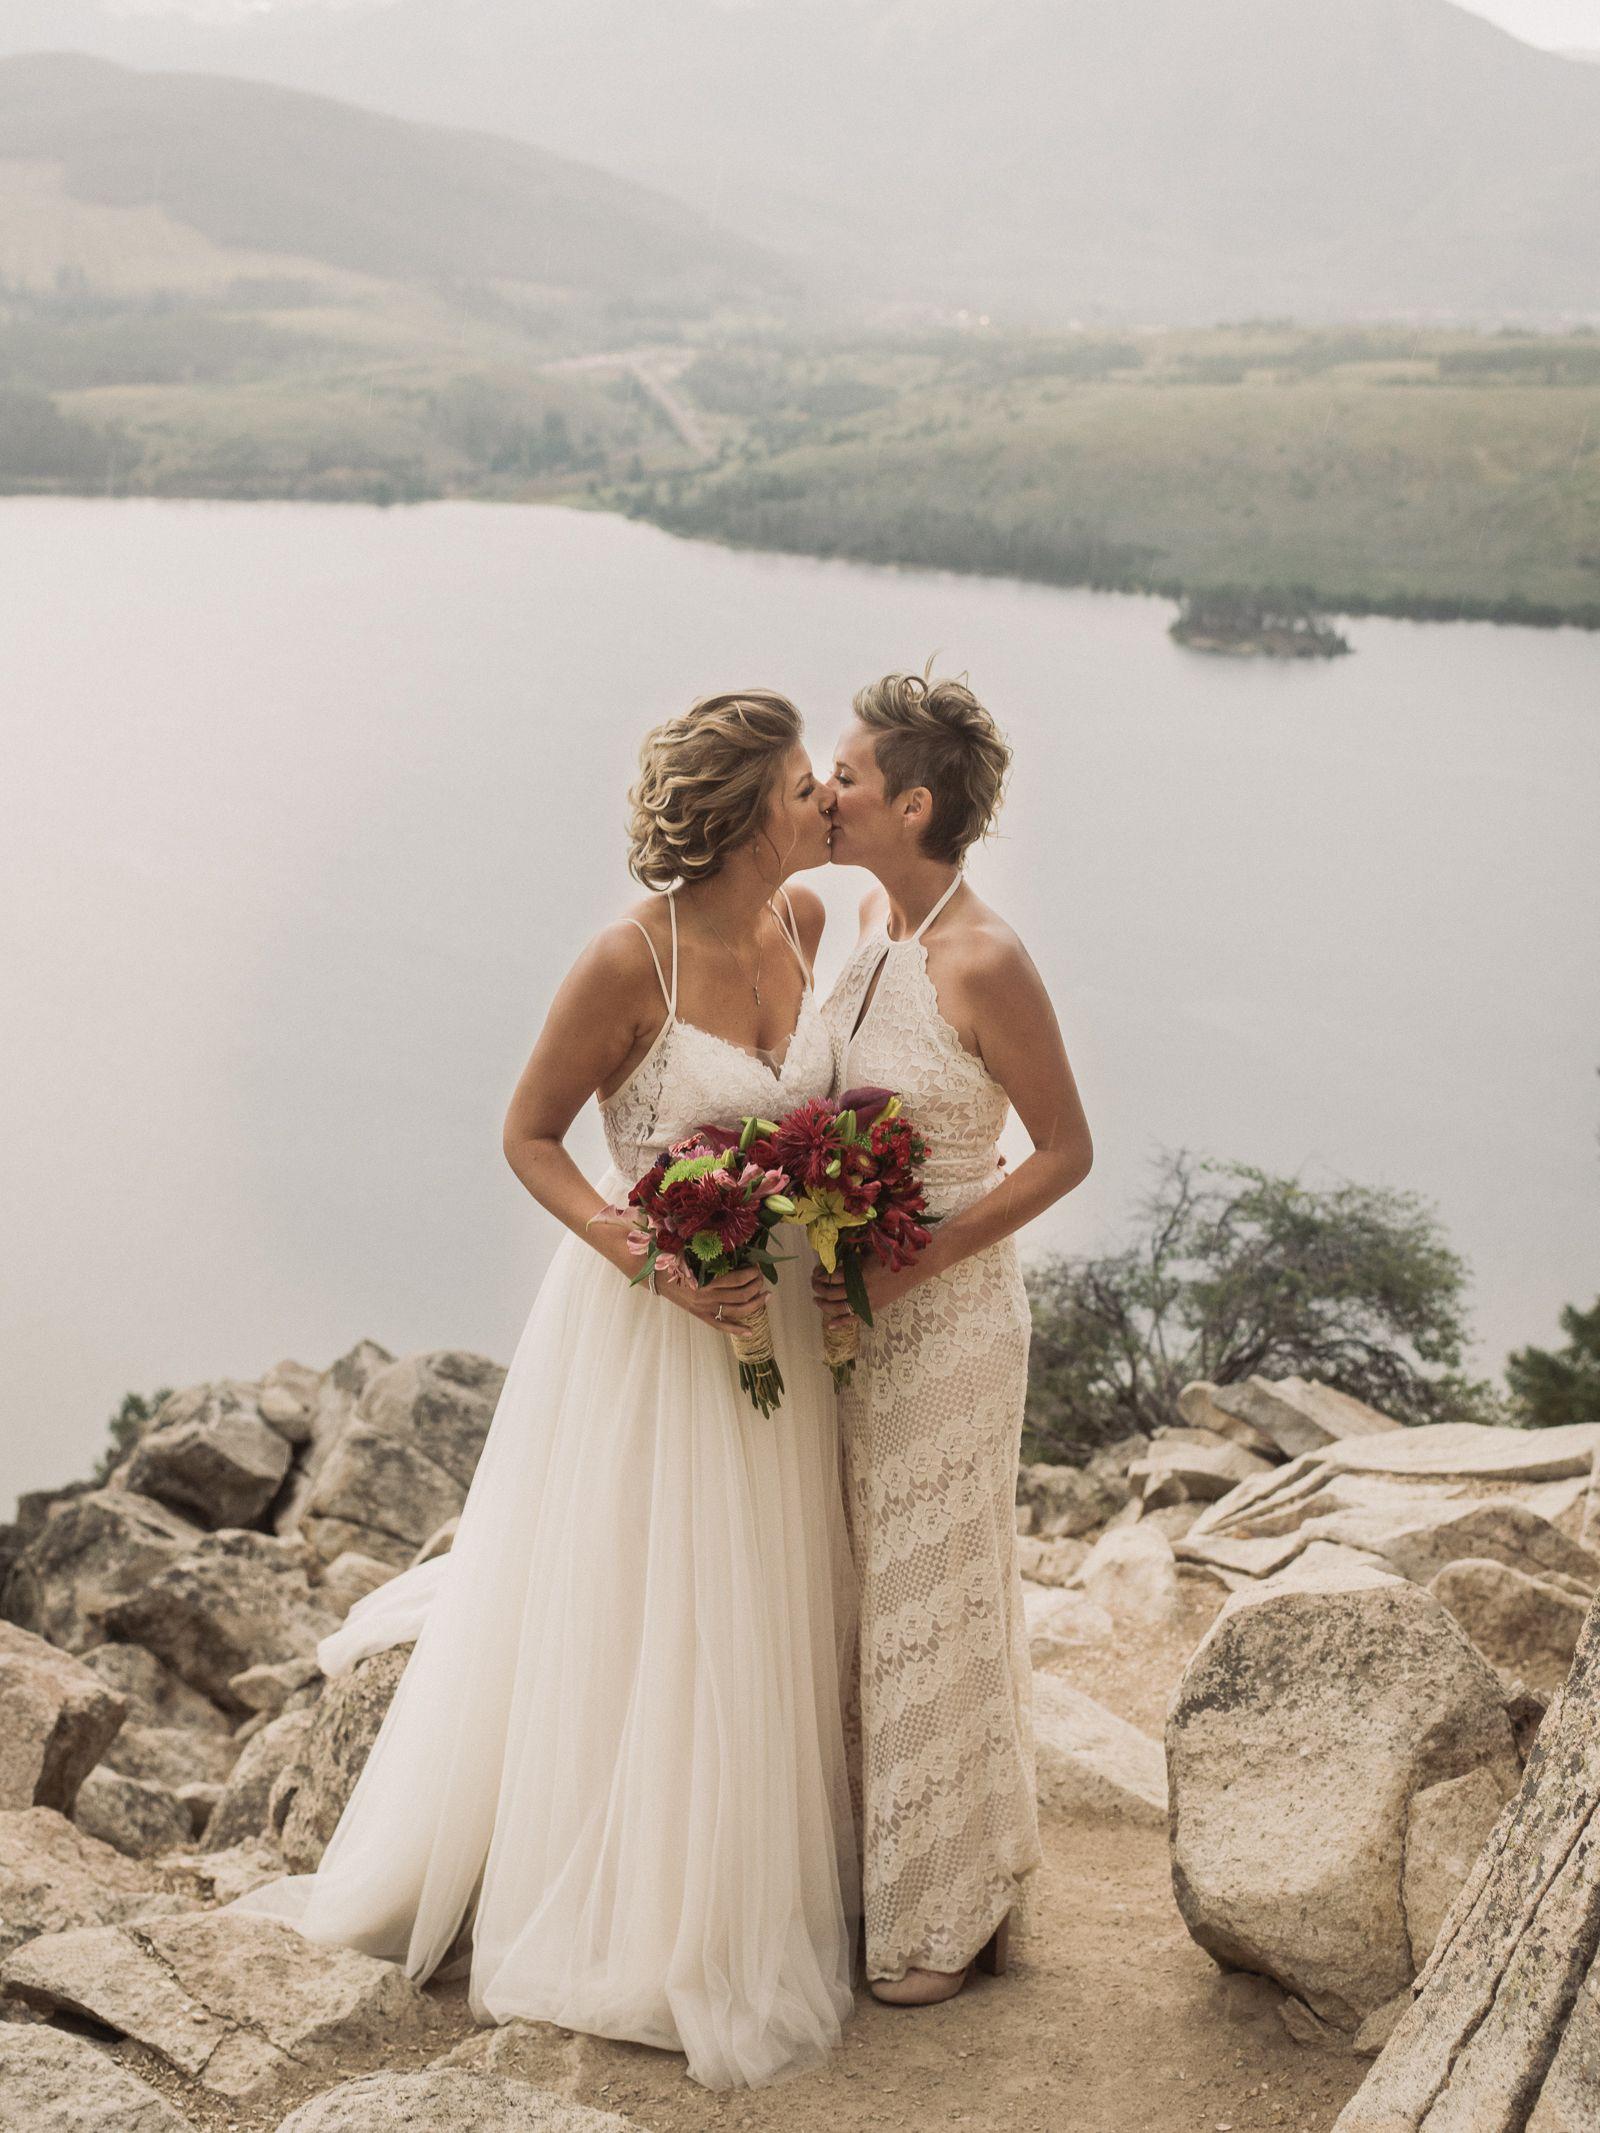 Mountain Wedding at Sapphire Point in Dillon, Colorado